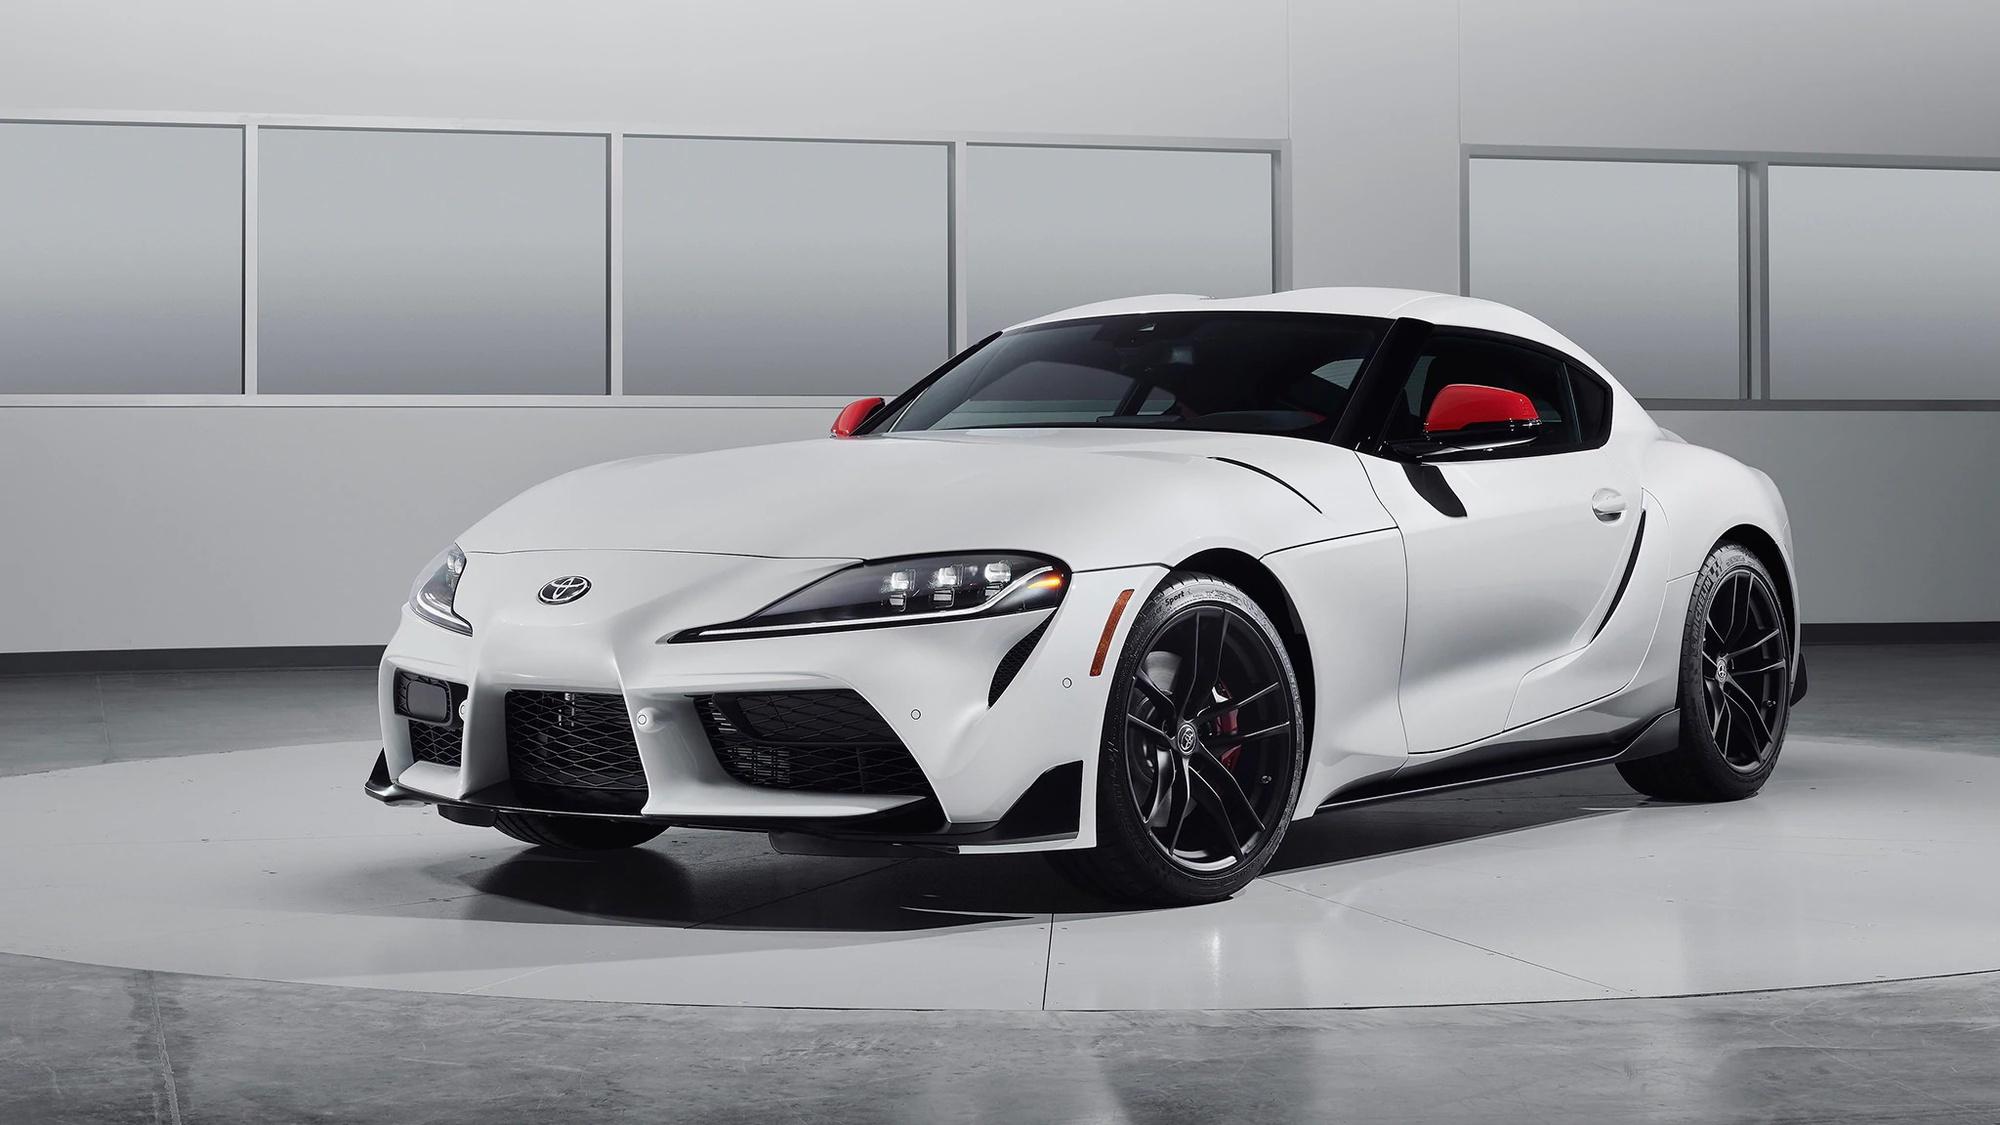 Изначально компания «Тойота» хотела продавать «Супру» с четырехцилиндровым турбомотором только на родине в Японии. Но недавно она изменила свое решение, и базовую версию спорткара с таким агрегатом теперь начнут реализовывать в Европе.